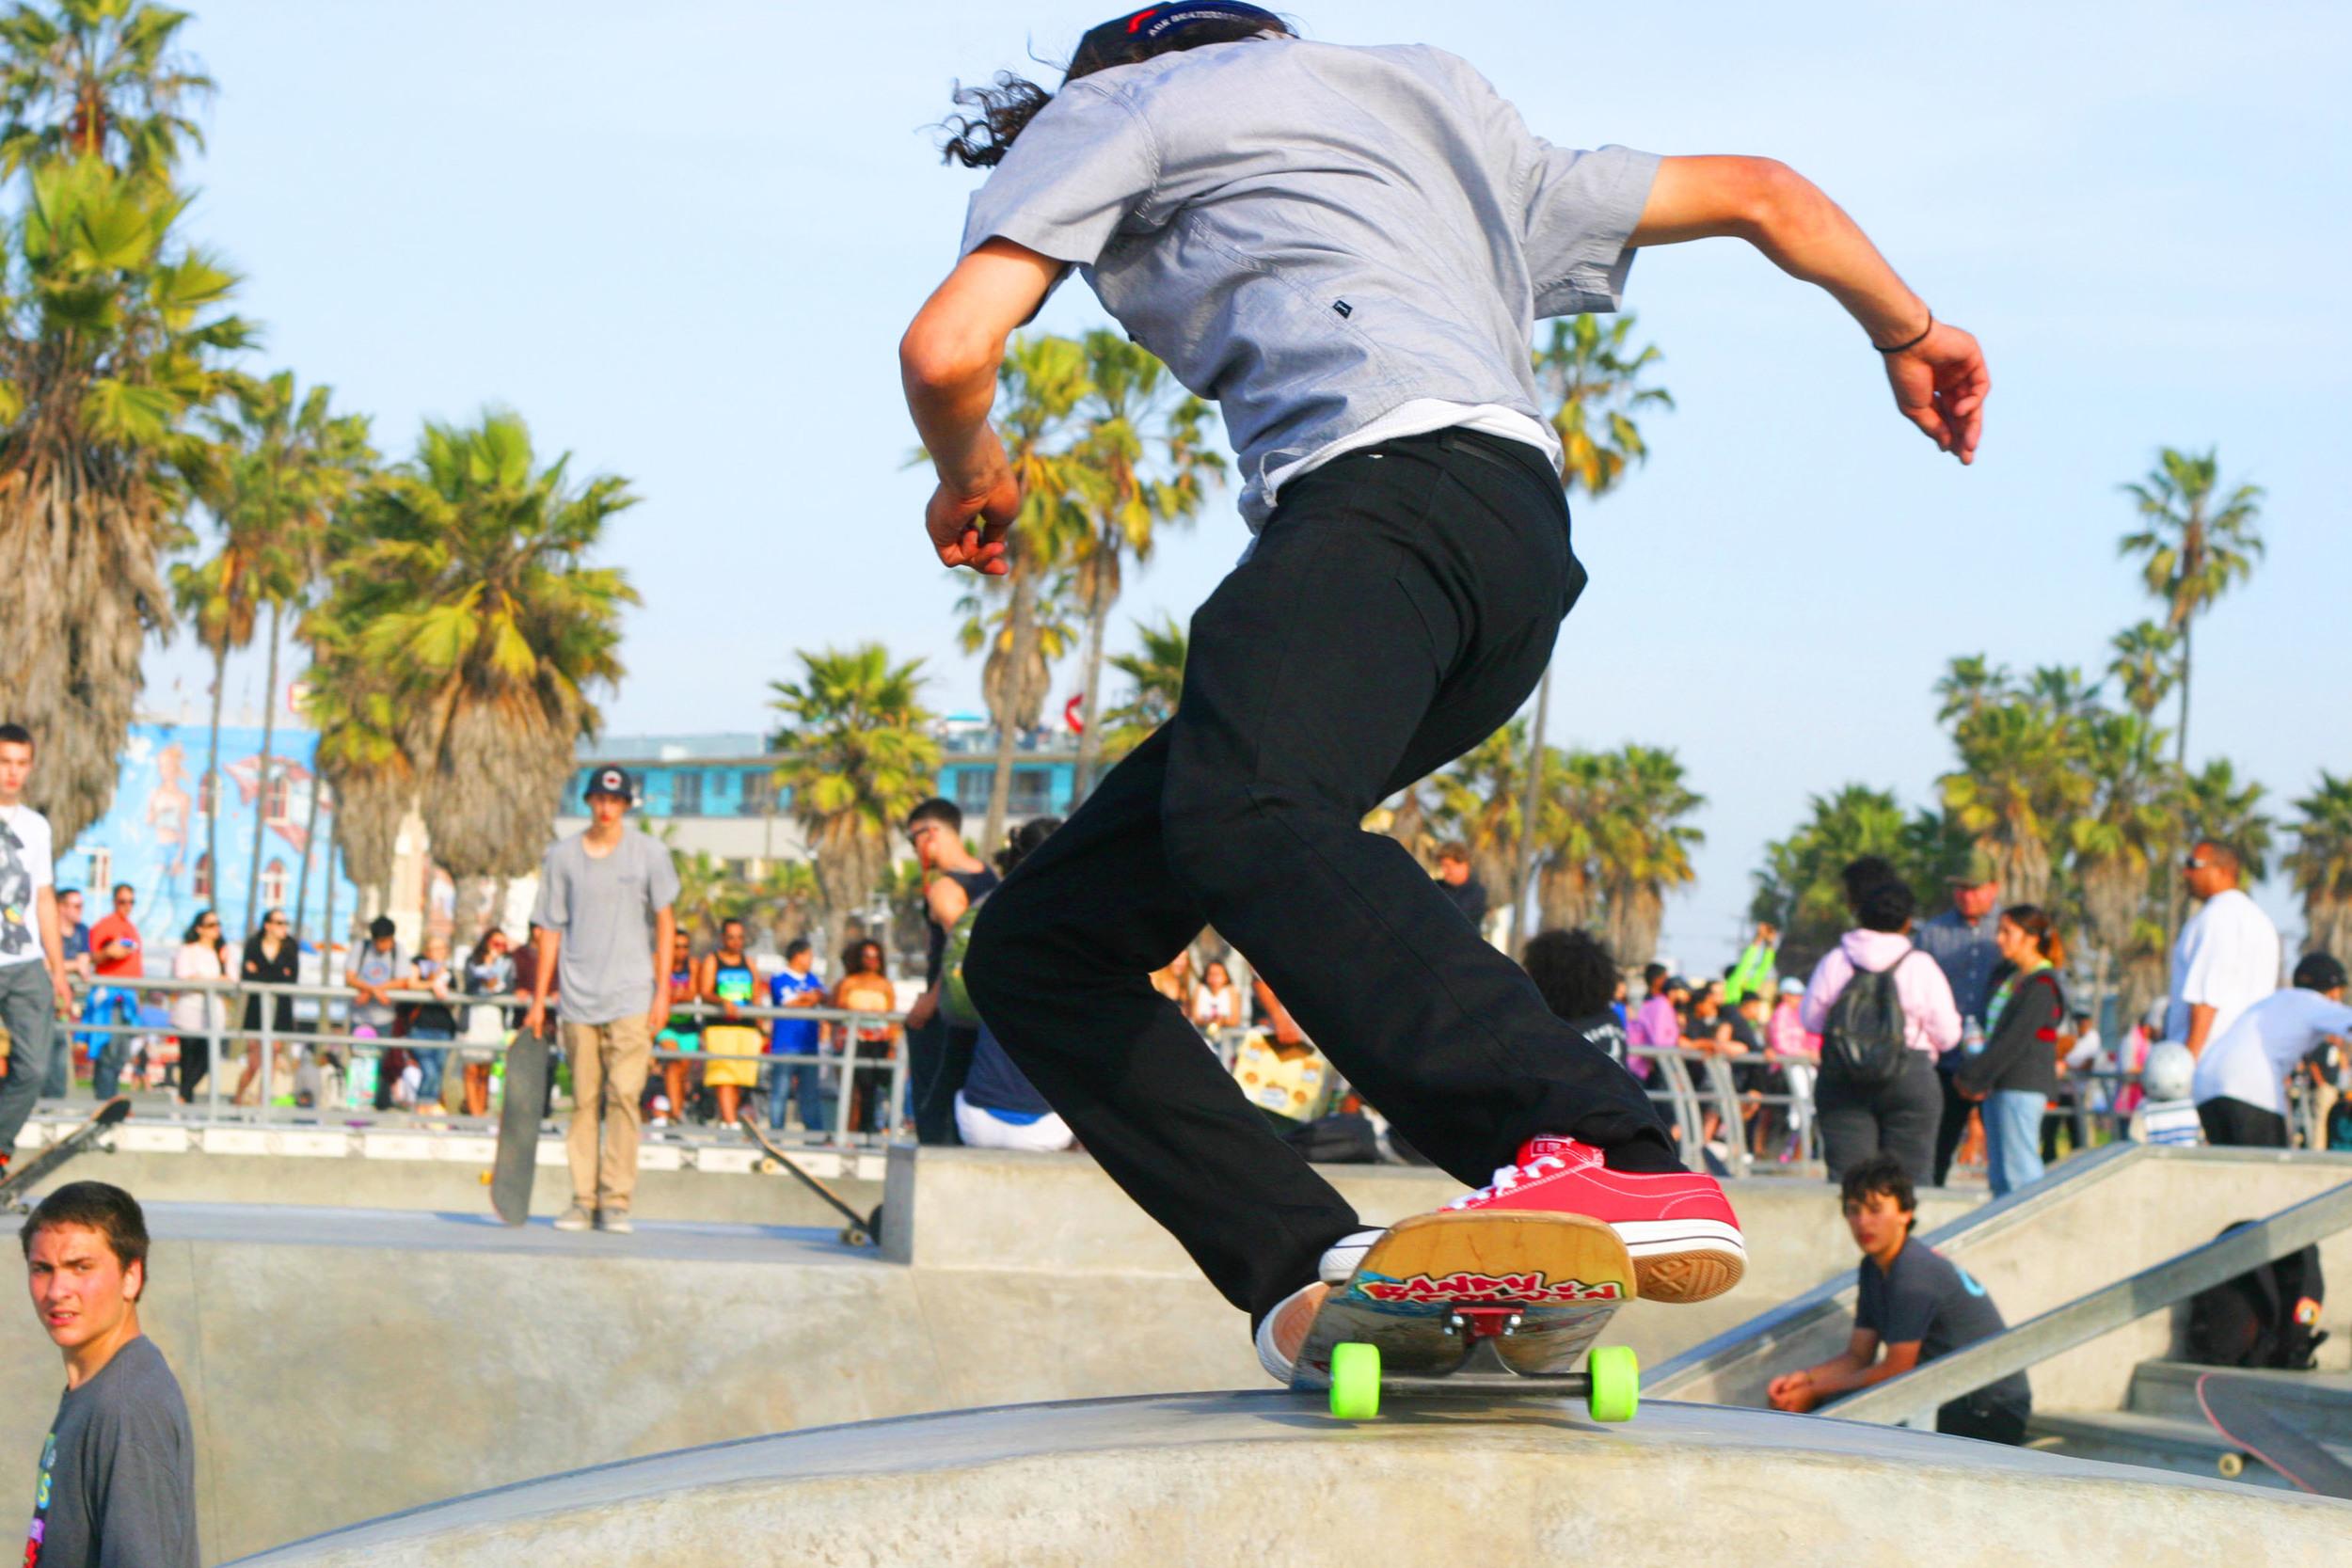 chic little poor girl skate4.JPG